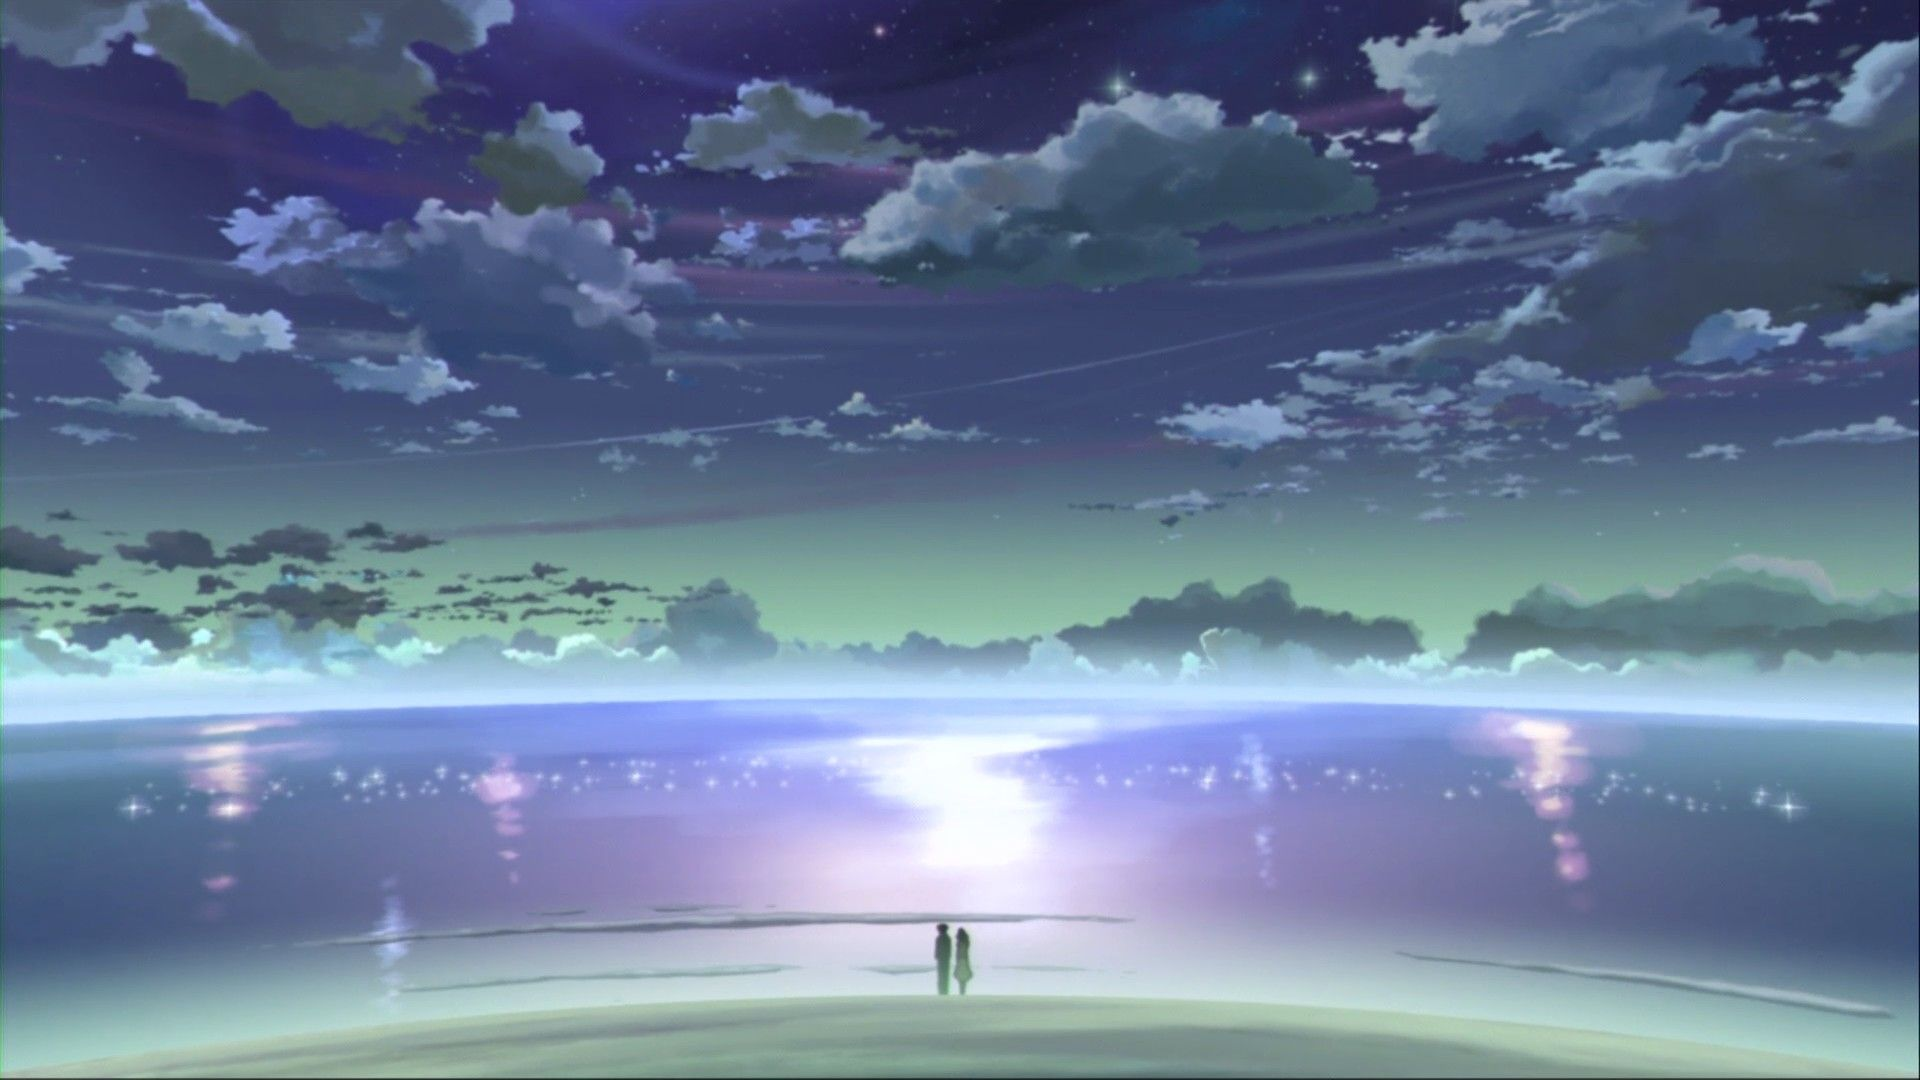 Horizon Cenário anime, Paisagens, Papel de parede anime